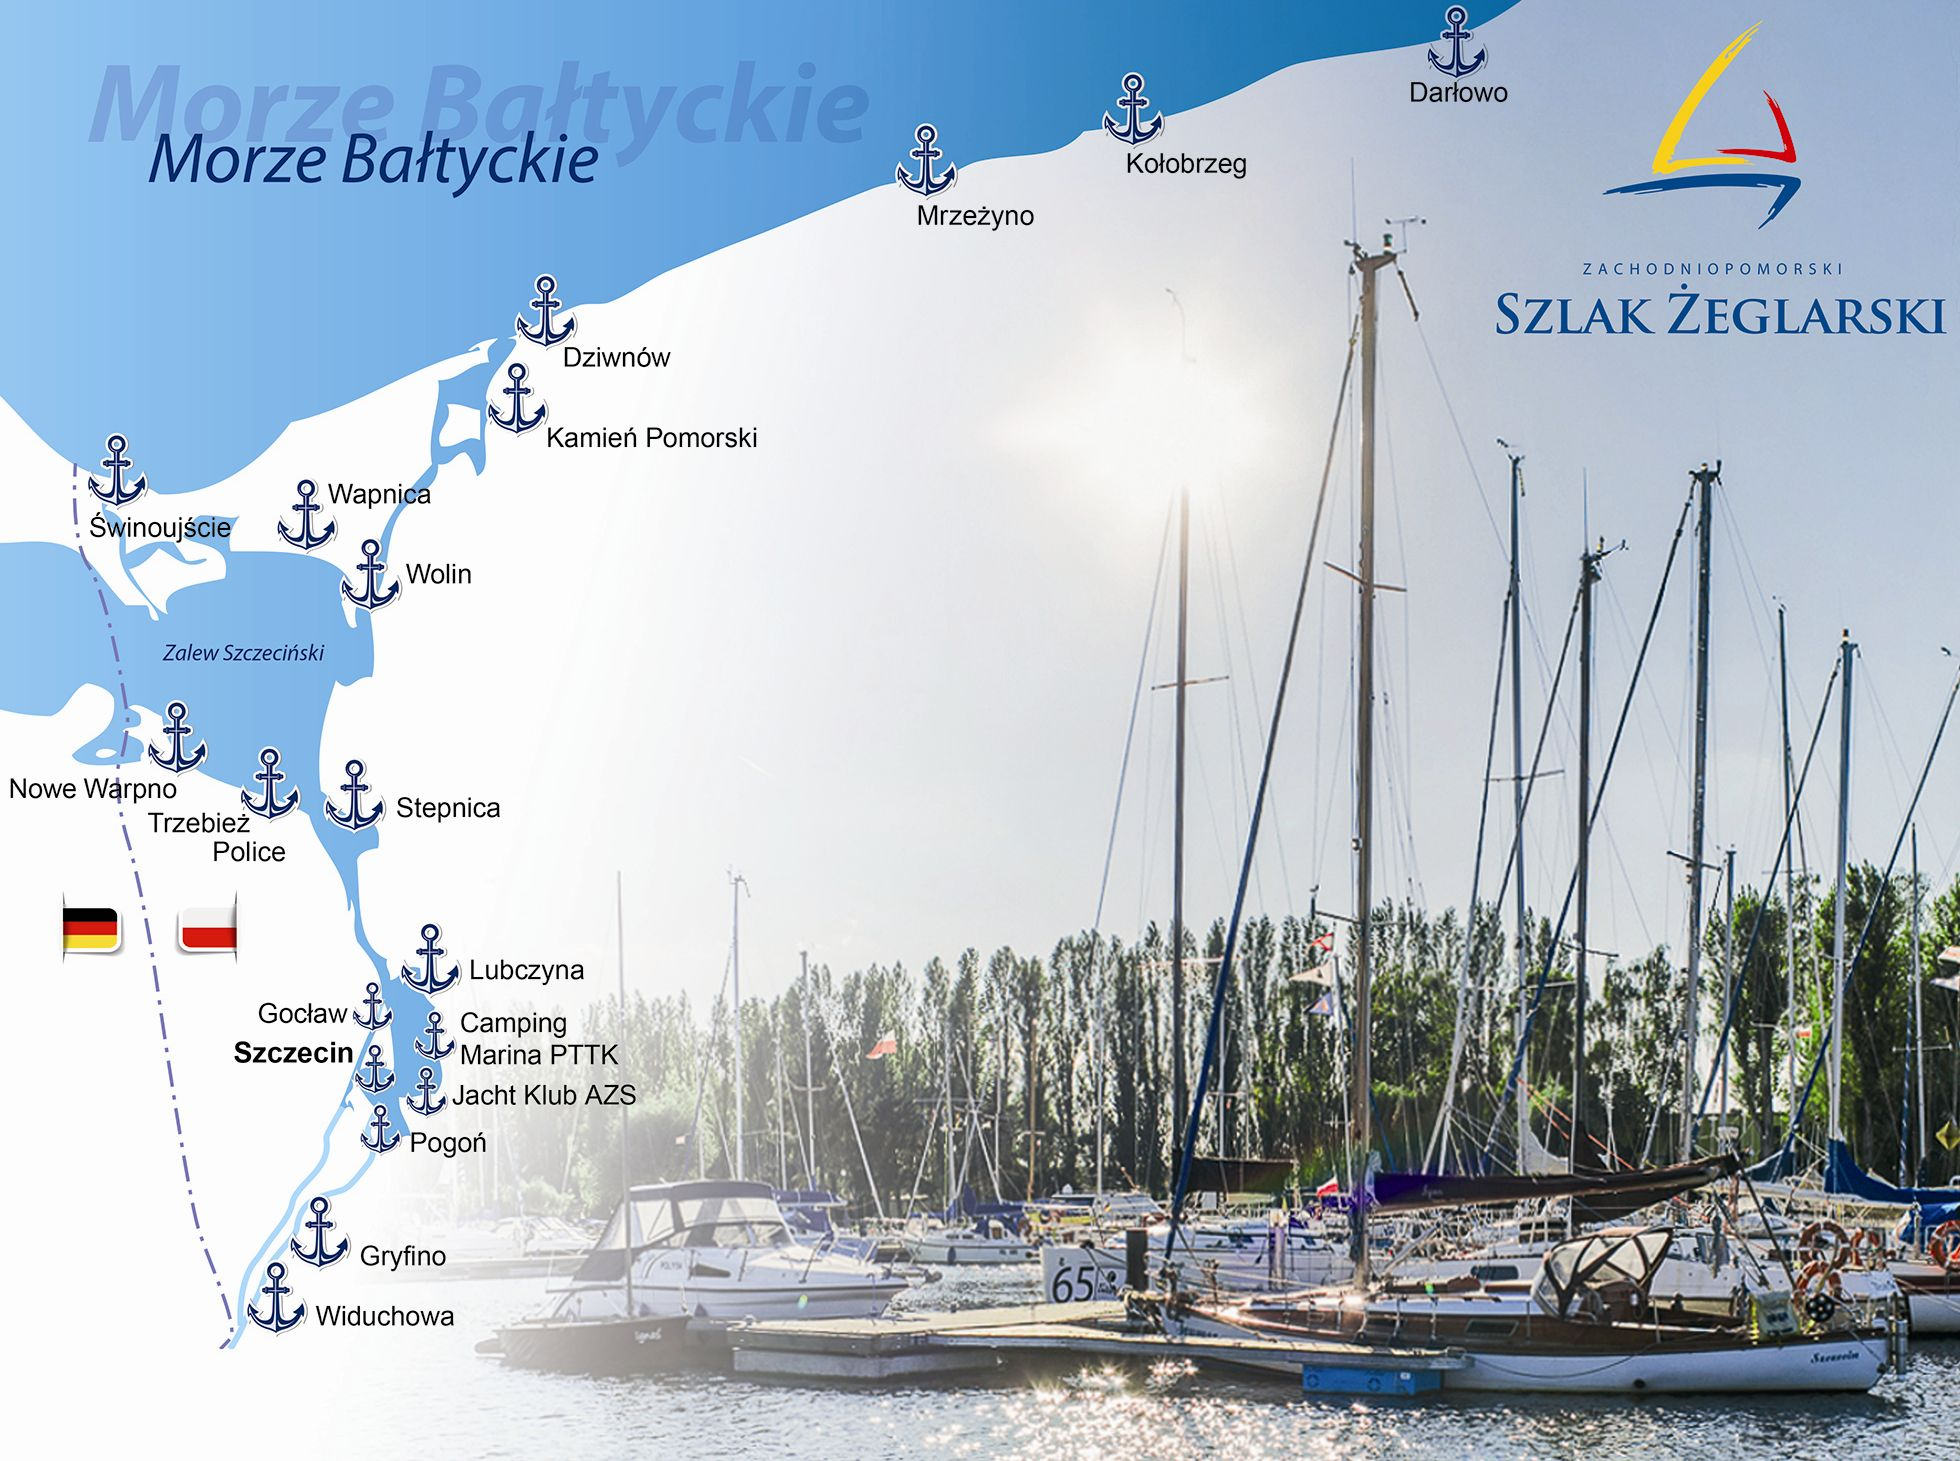 Informacja dla żeglarzy. Zachodniopomorski Szlak Żeglarski.